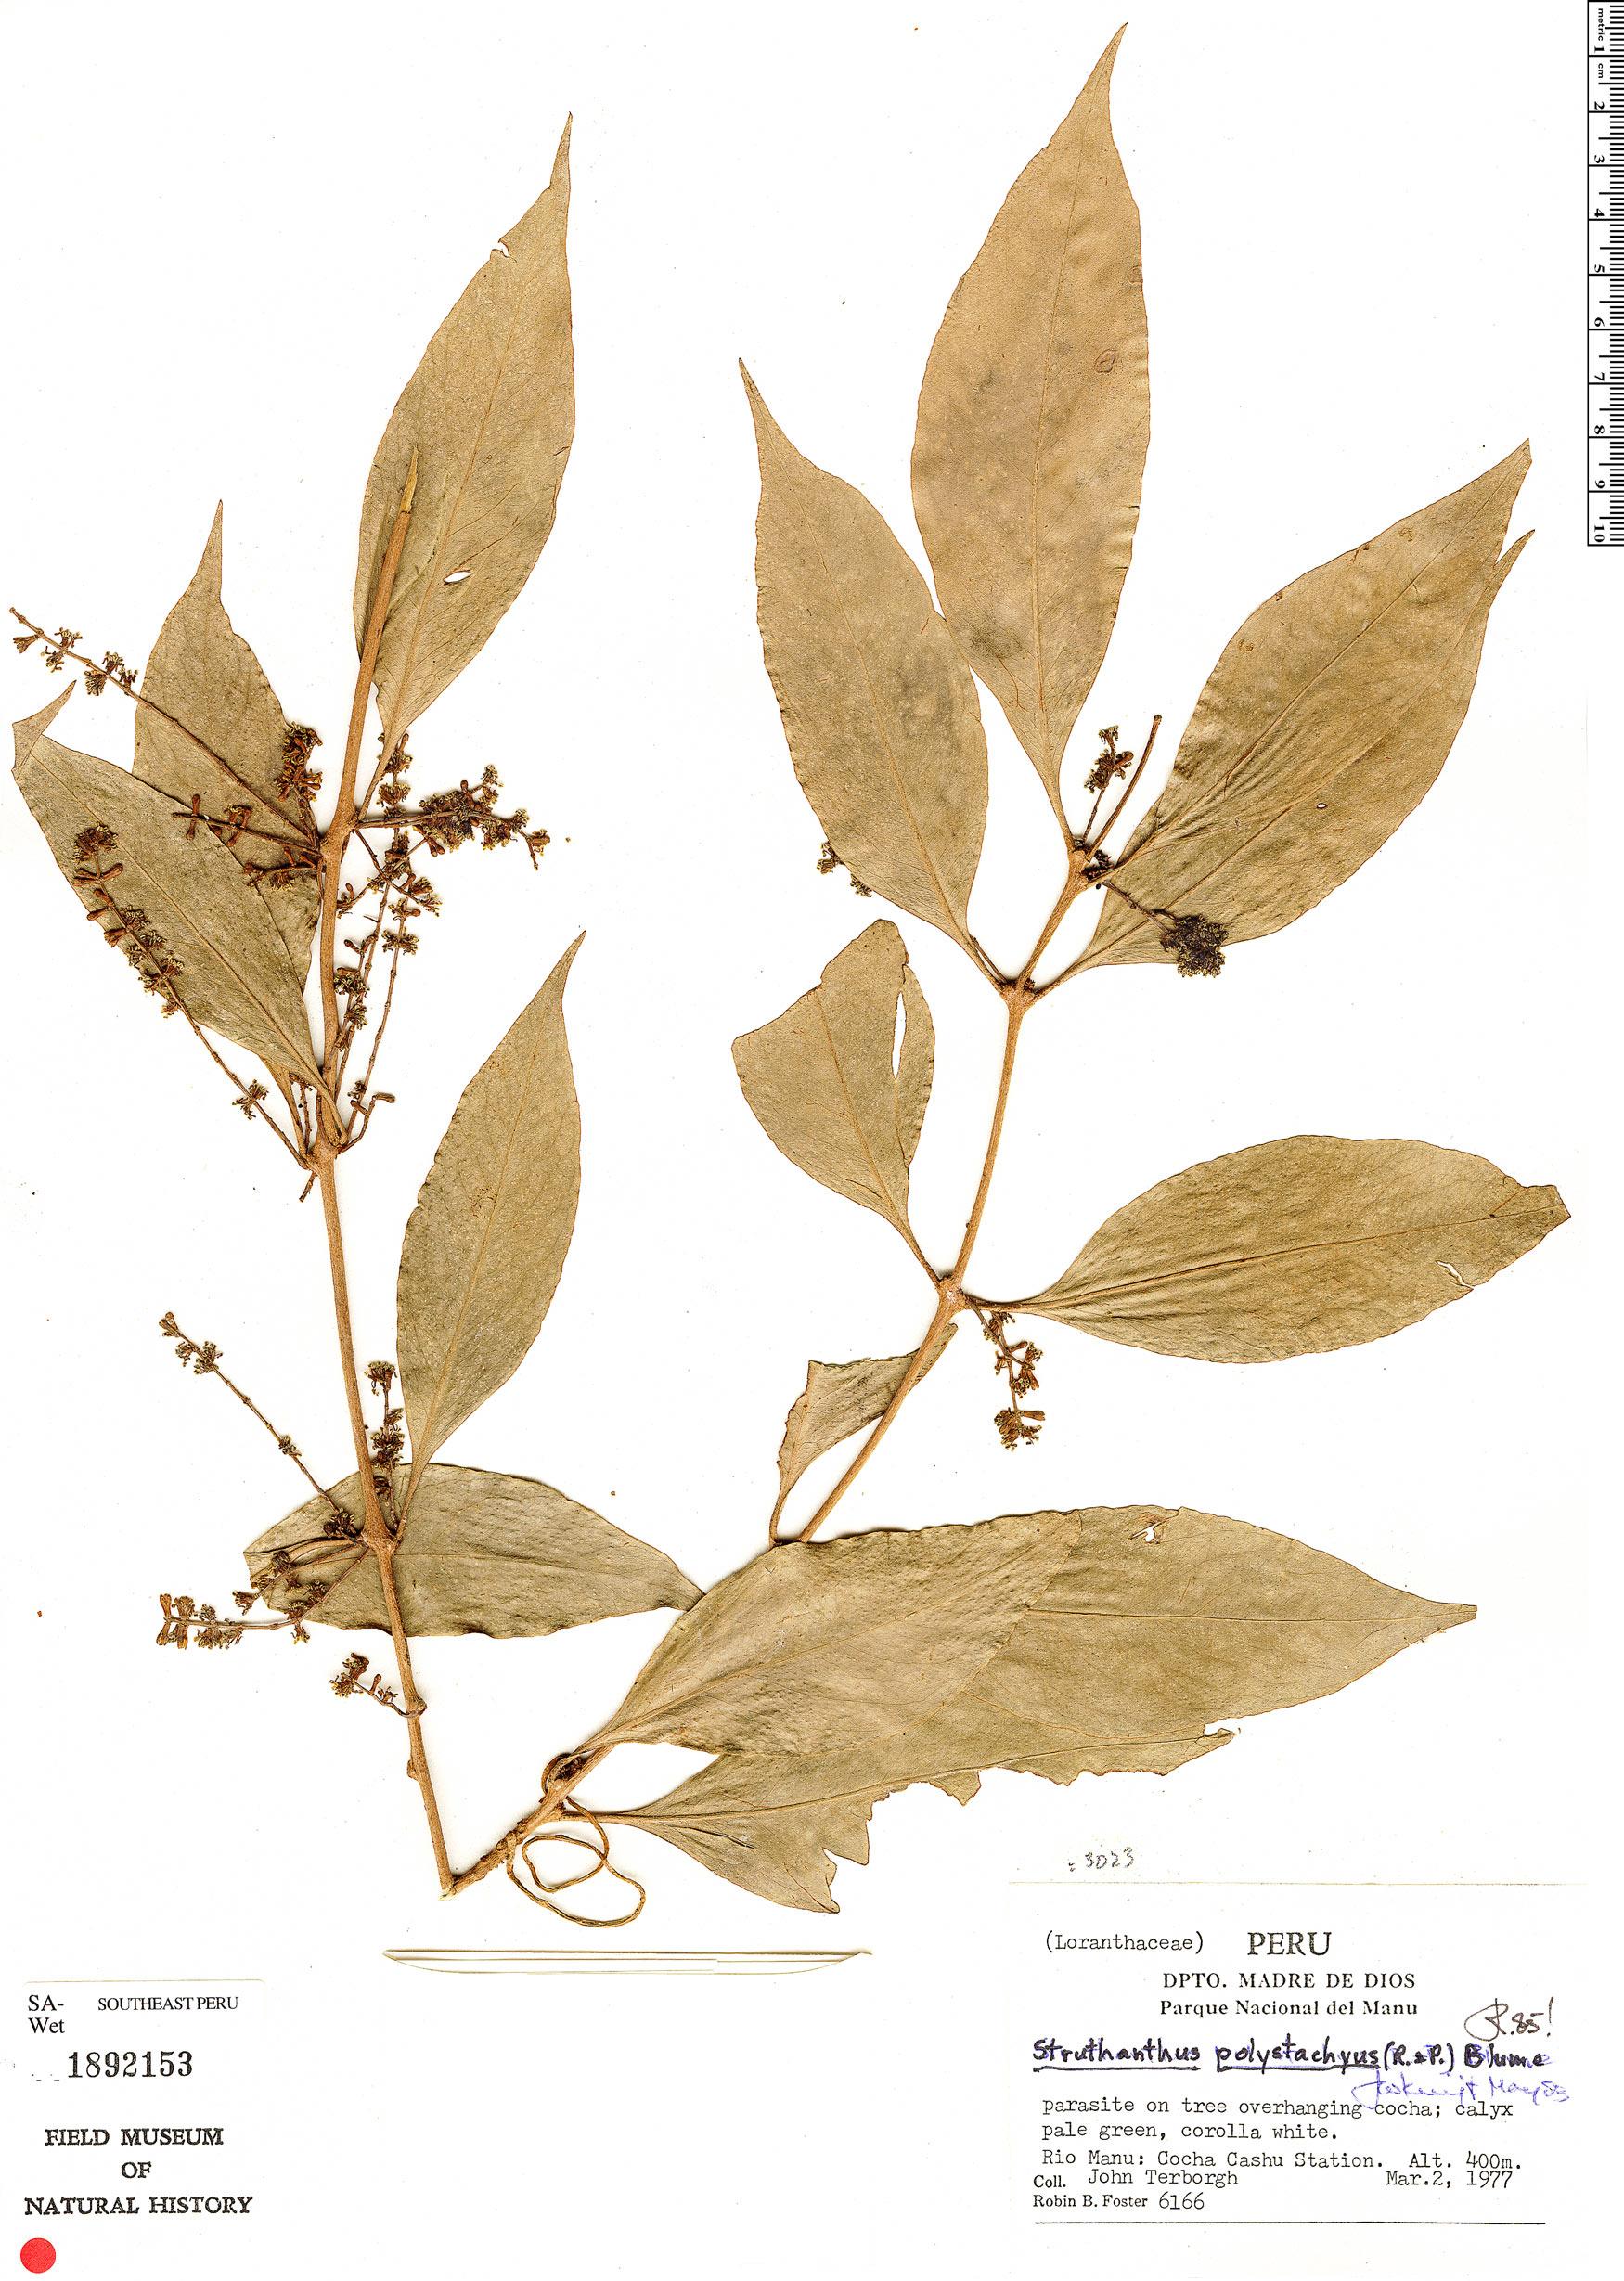 Specimen: Peristethium polystachyum